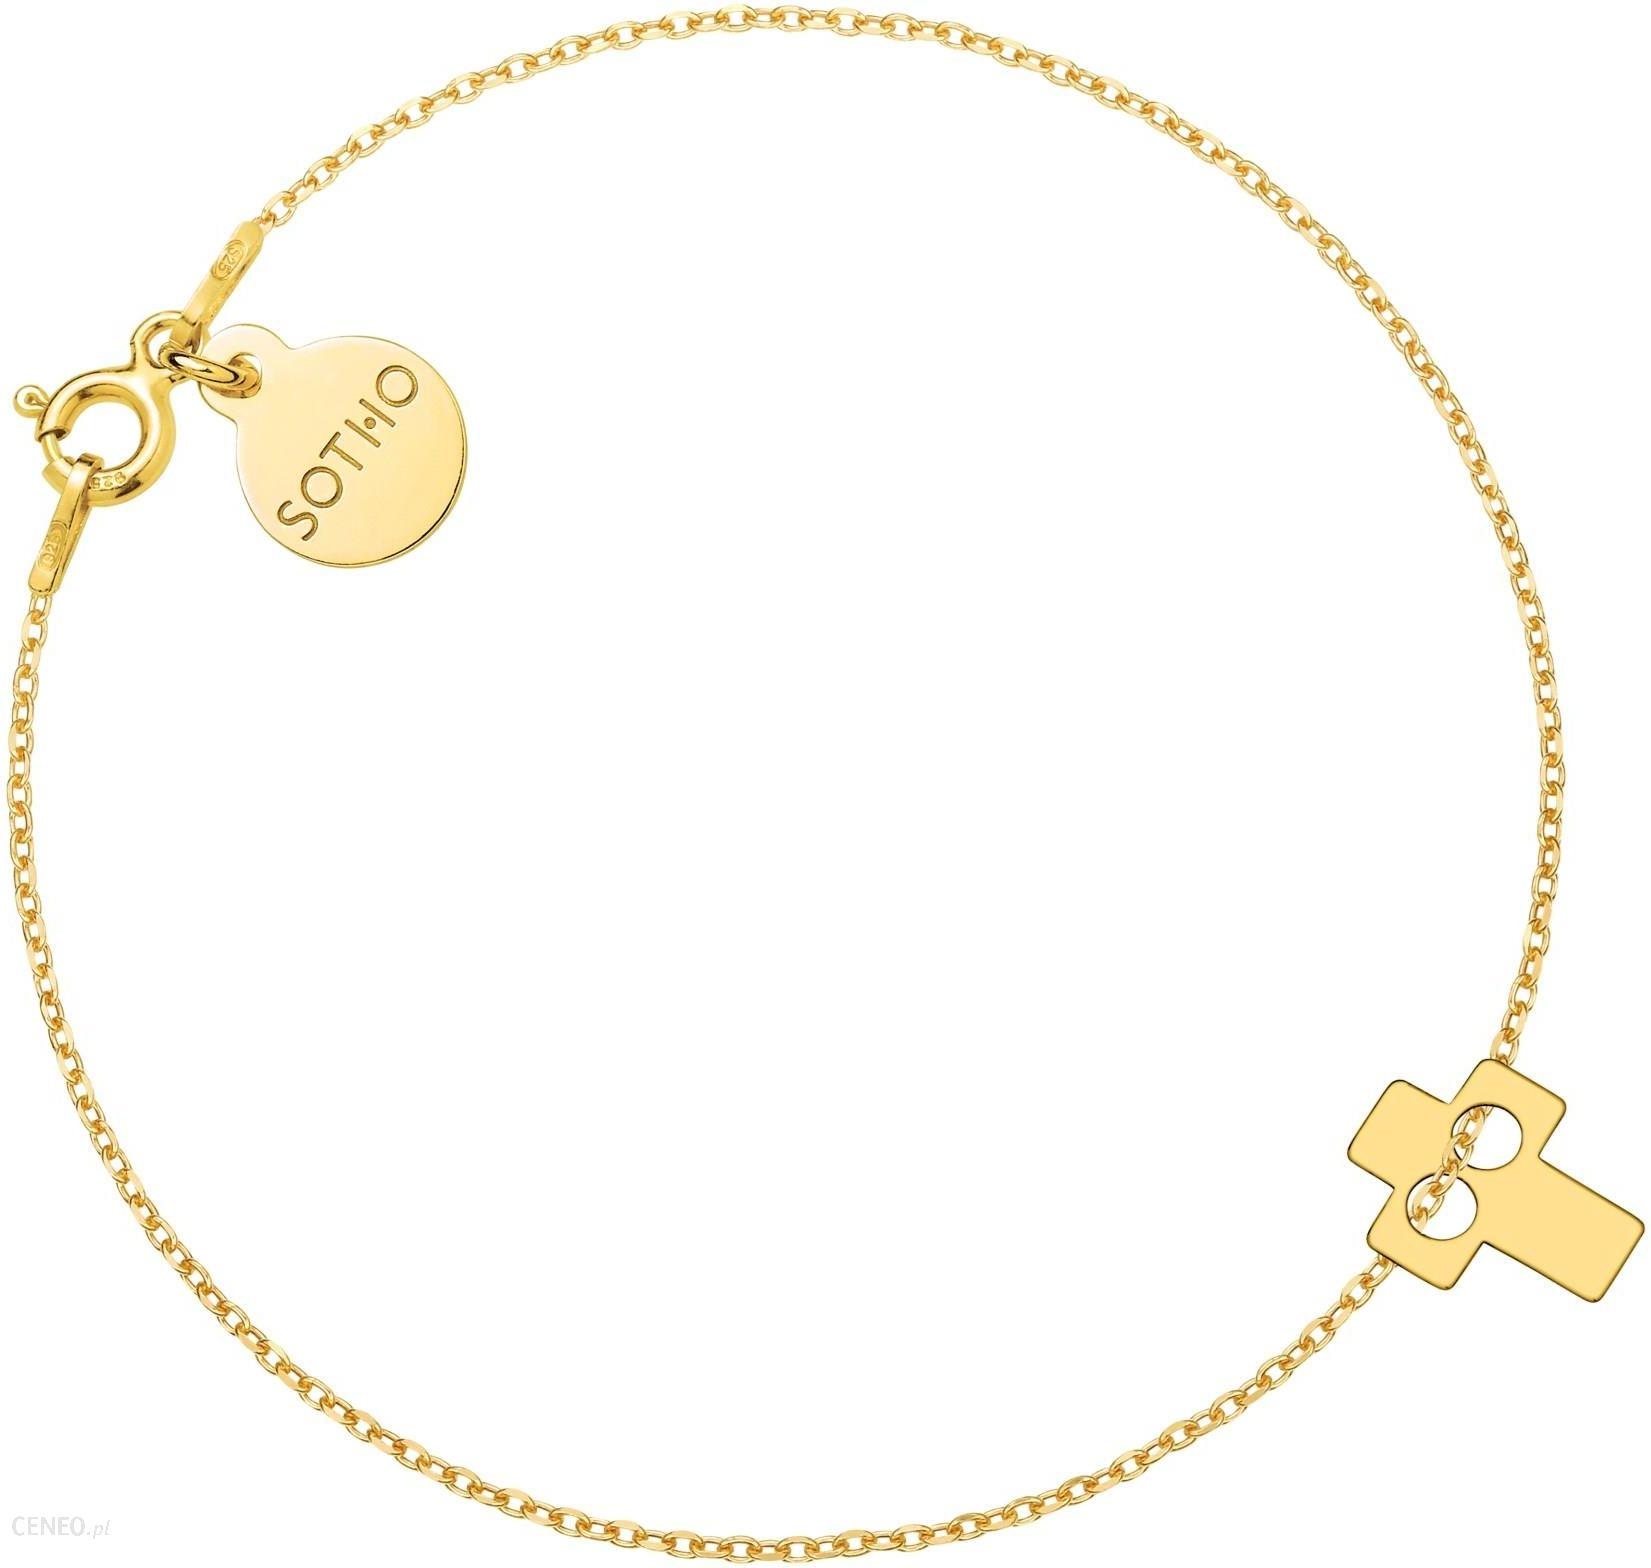 ef2c5c487ffe32 Złota bransoletka z krzyżykiem - zdjęcie 1; « »